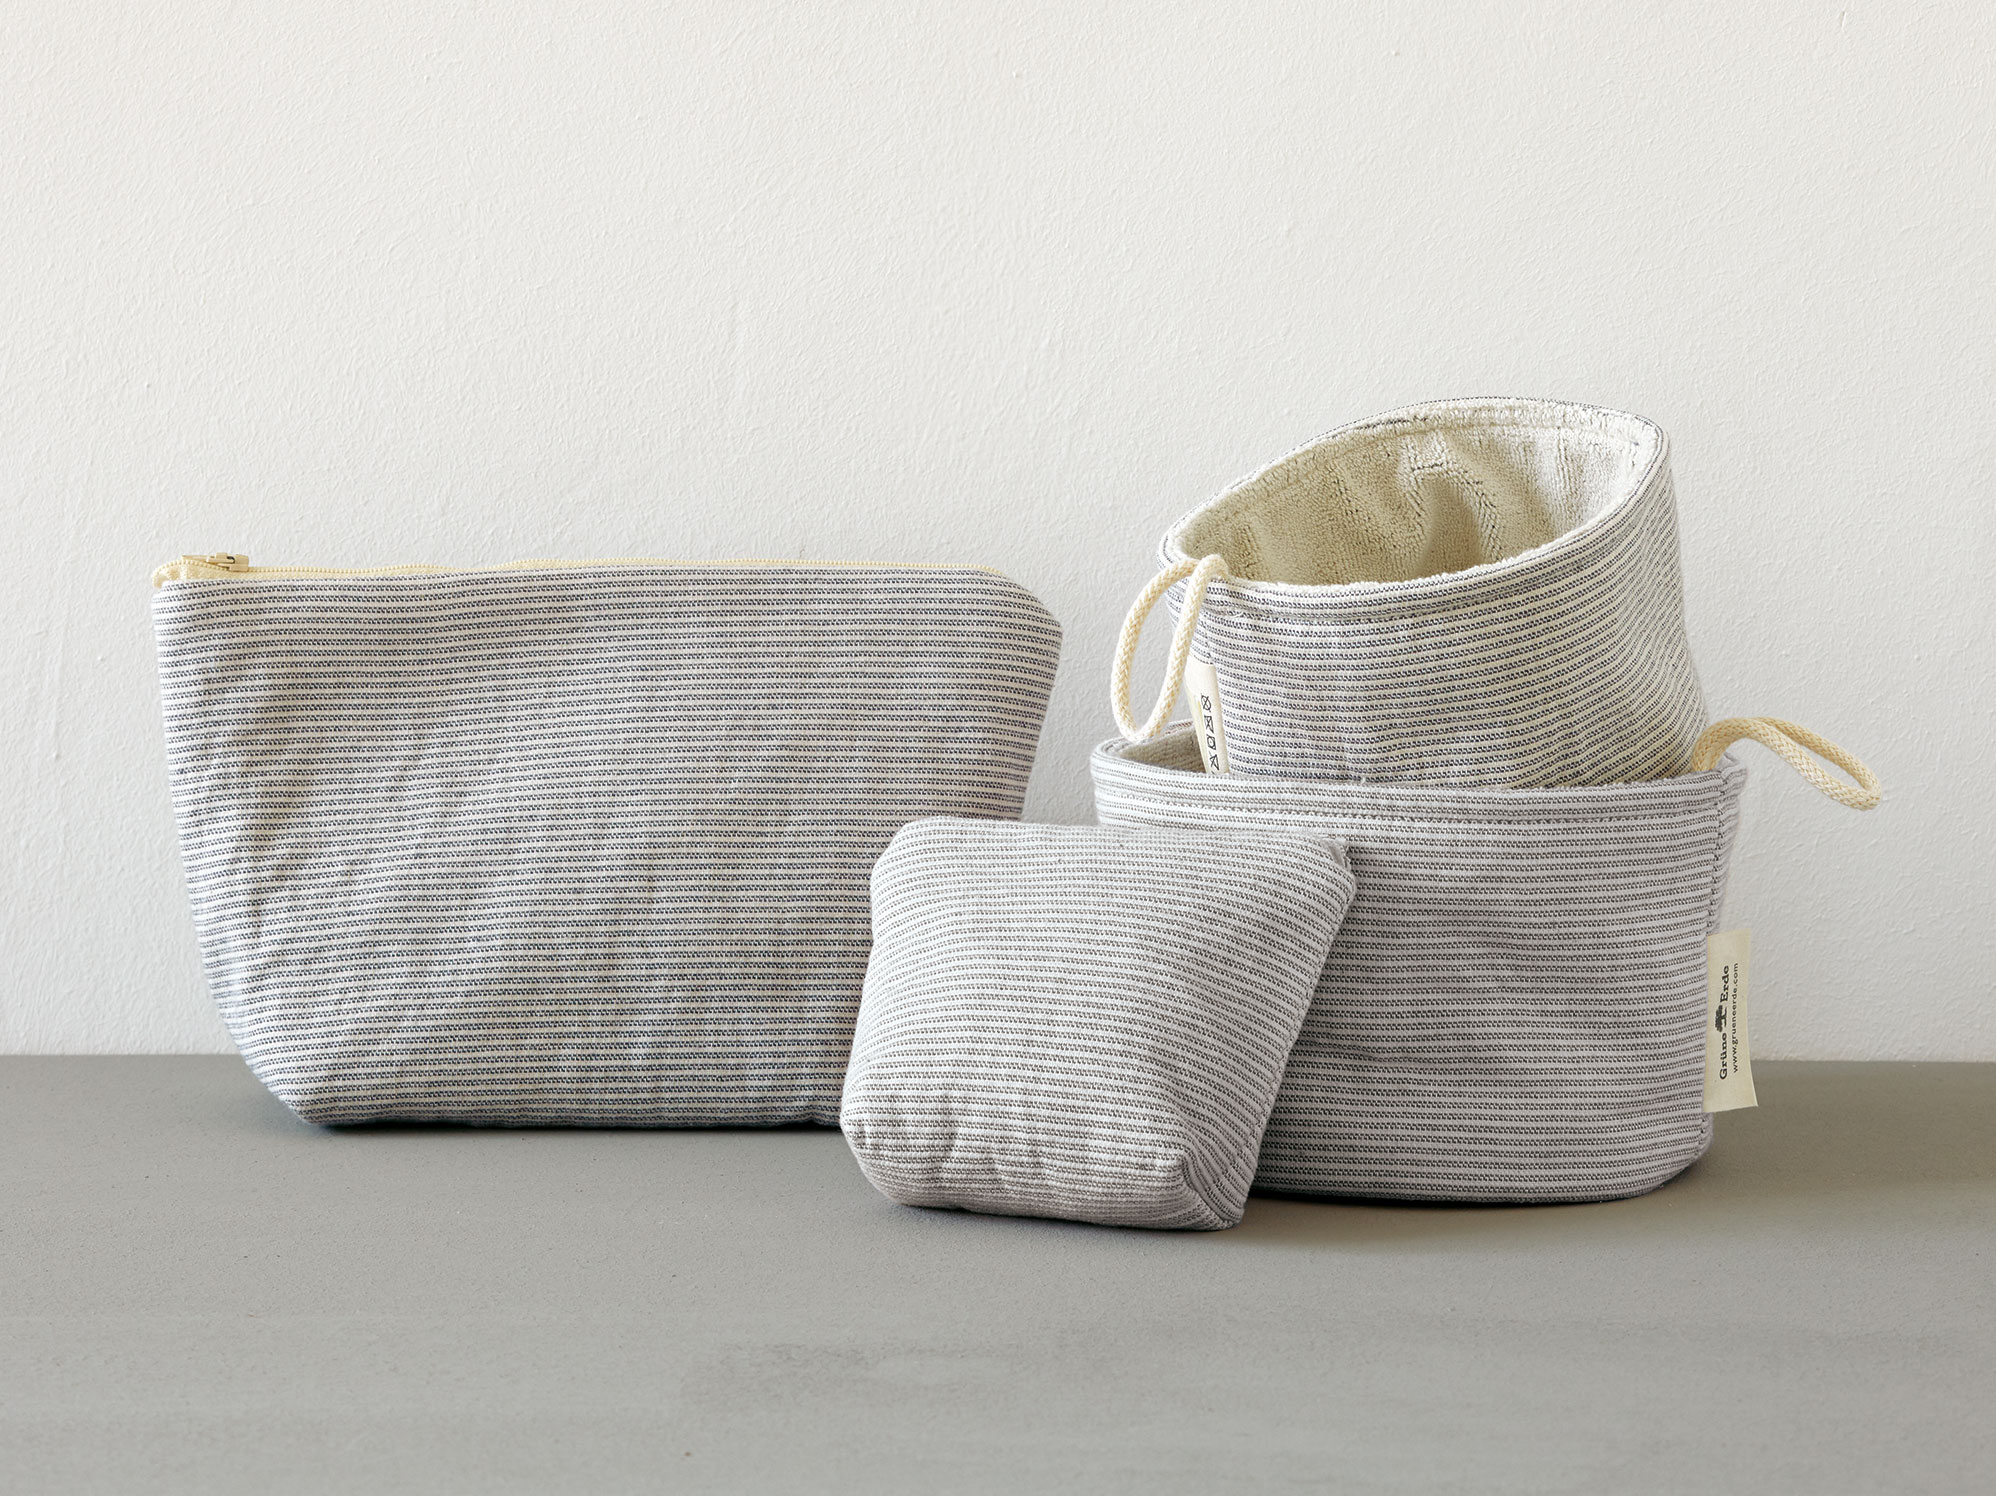 badezimmerkorb aus gestreiftem einseitigen stoff gr ne erde. Black Bedroom Furniture Sets. Home Design Ideas